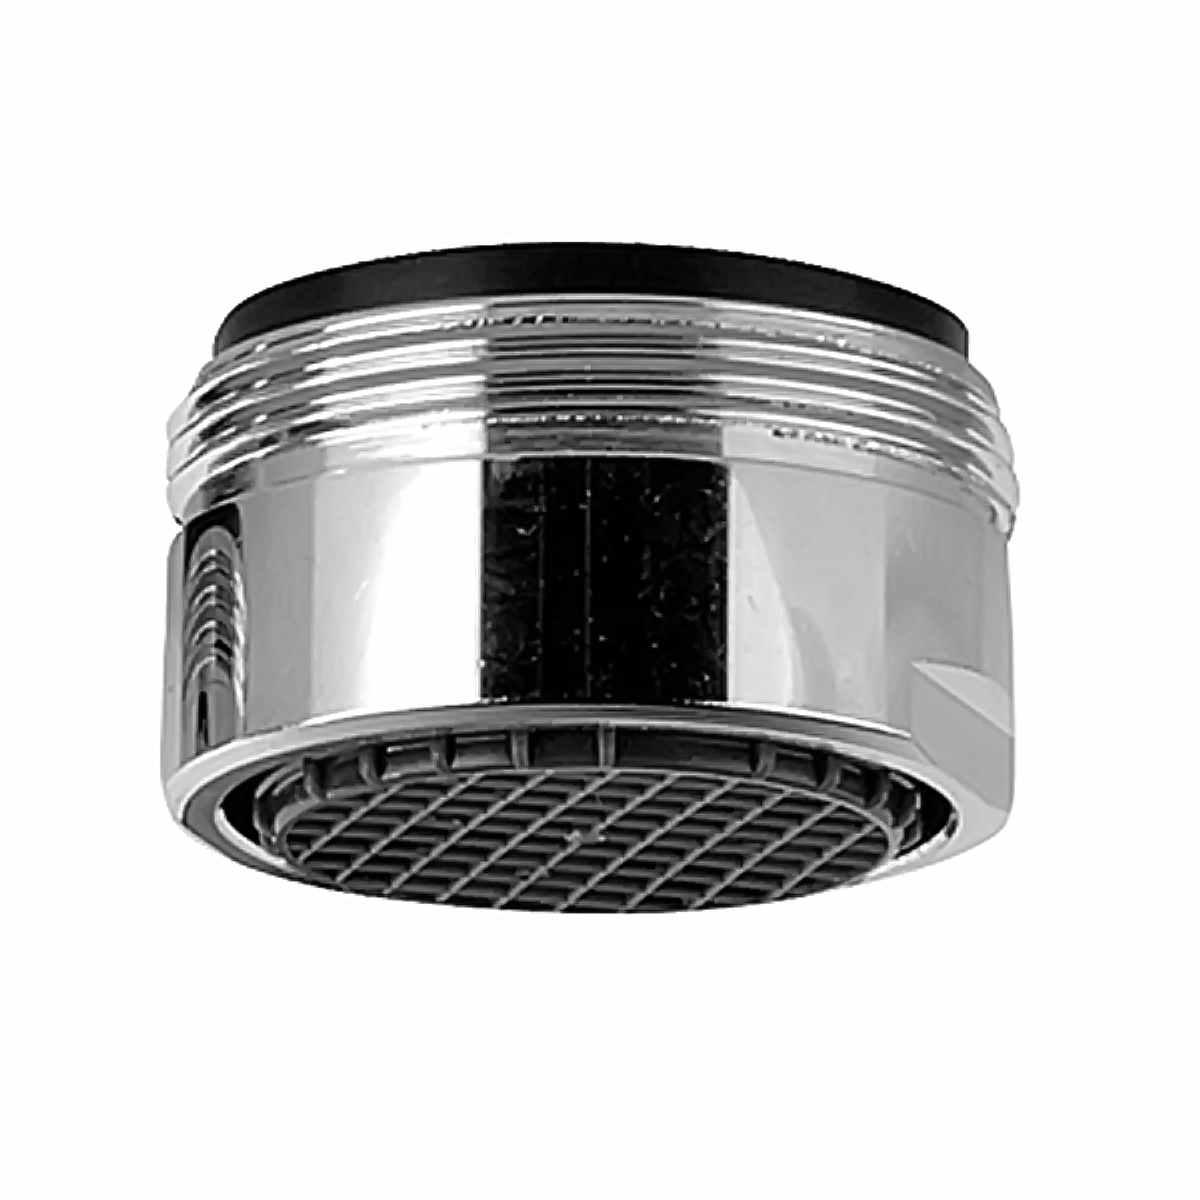 Аэратор для смесителя с нержавеющей сеточкой M24 REMER 8335790Аэратор предназначен для насыщения воздухом водной струи, выходящей из смесителя.Благодаря аэратору, вода из под крана выходит ровной и мягкой струей, это предает не только приятное ощущение для рук но, и одновременно способствует сокращению потребления воды.